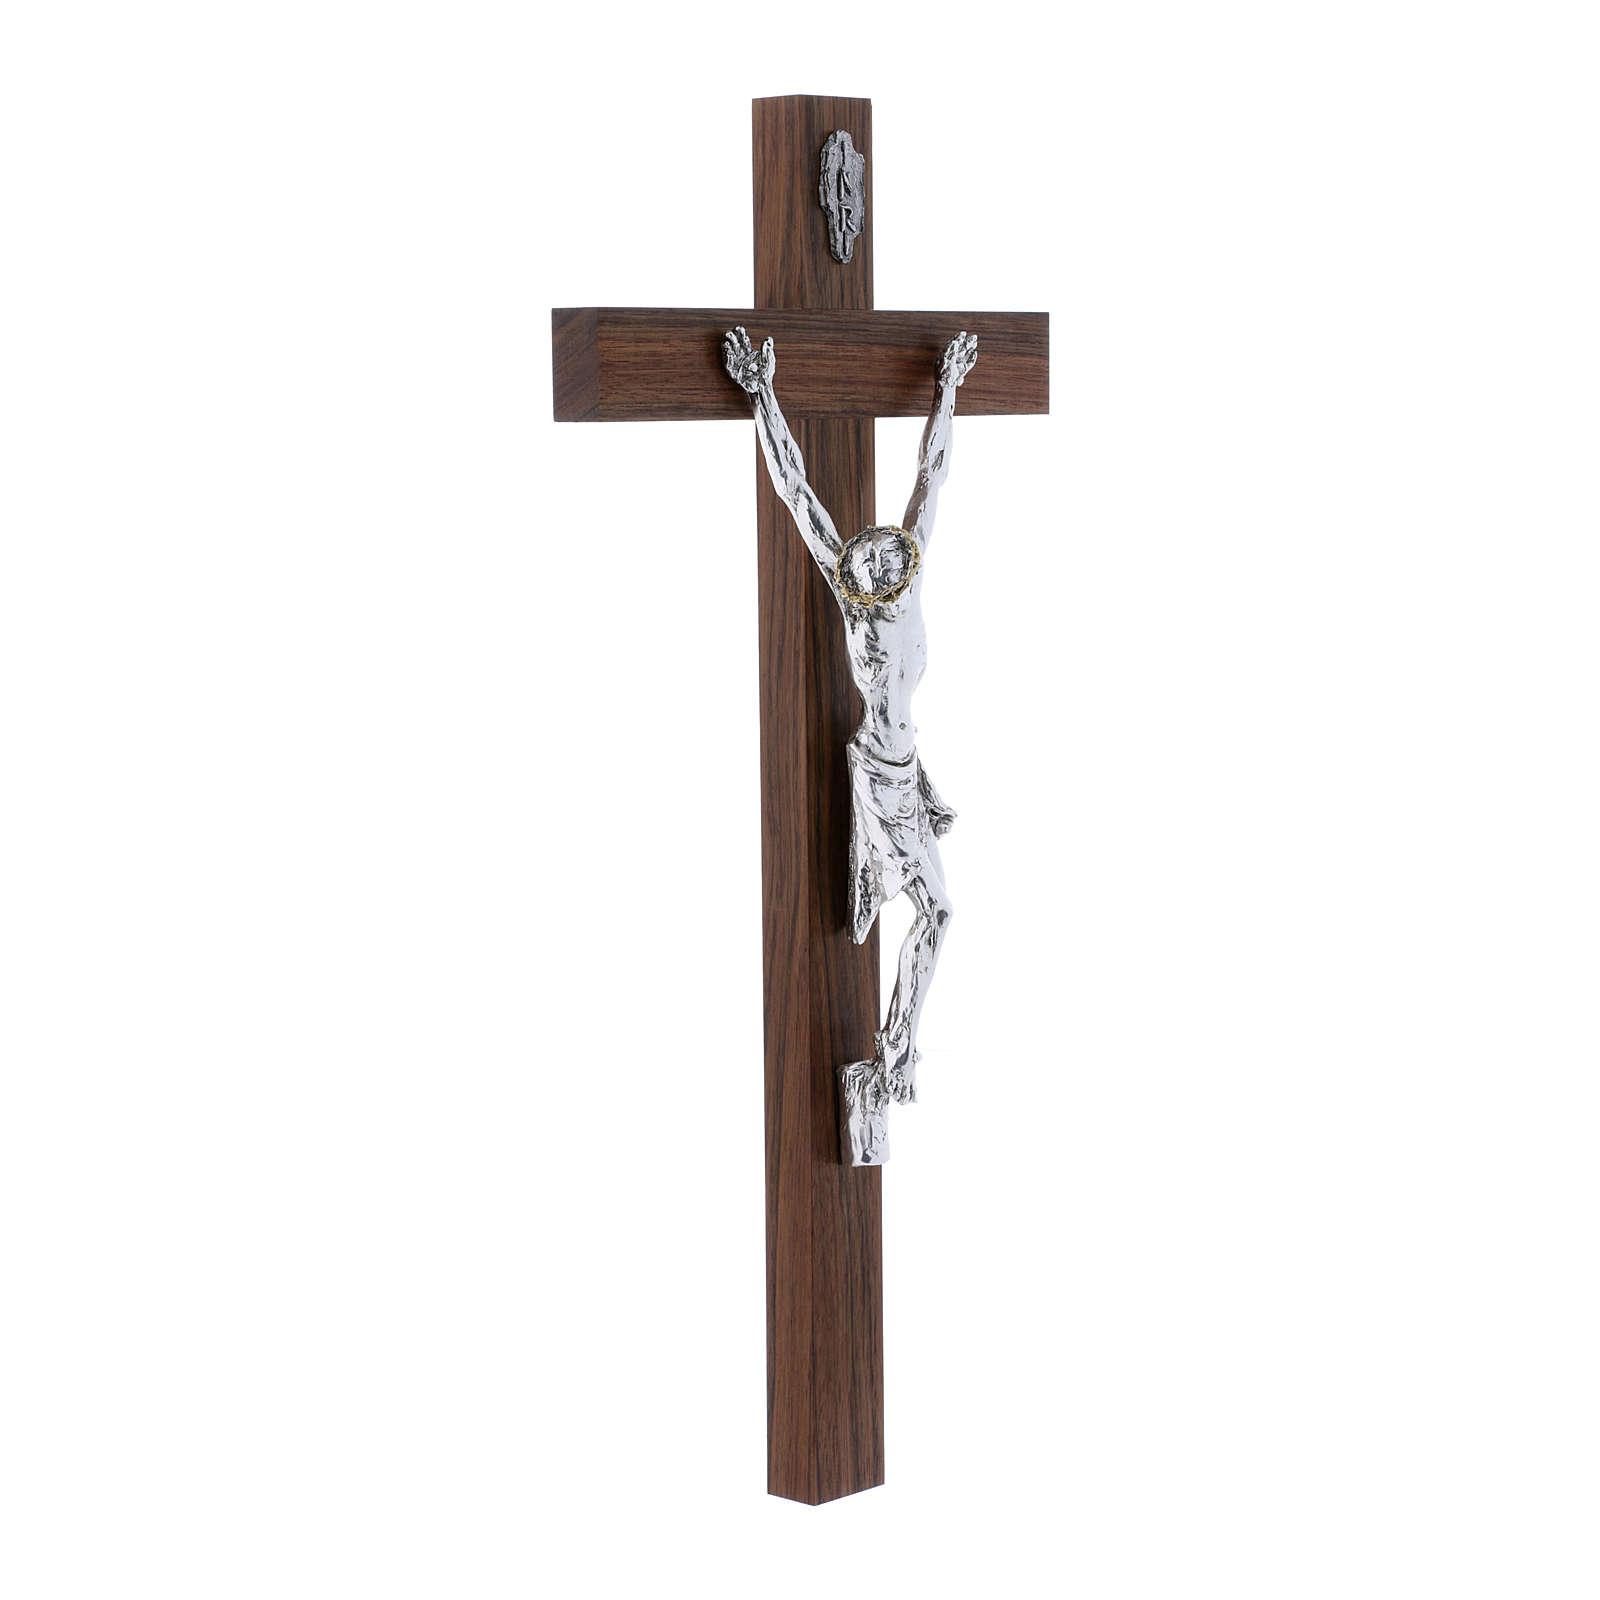 Crocifisso moderno corpo argento su crocifisso in legno di noce 47 cm 4